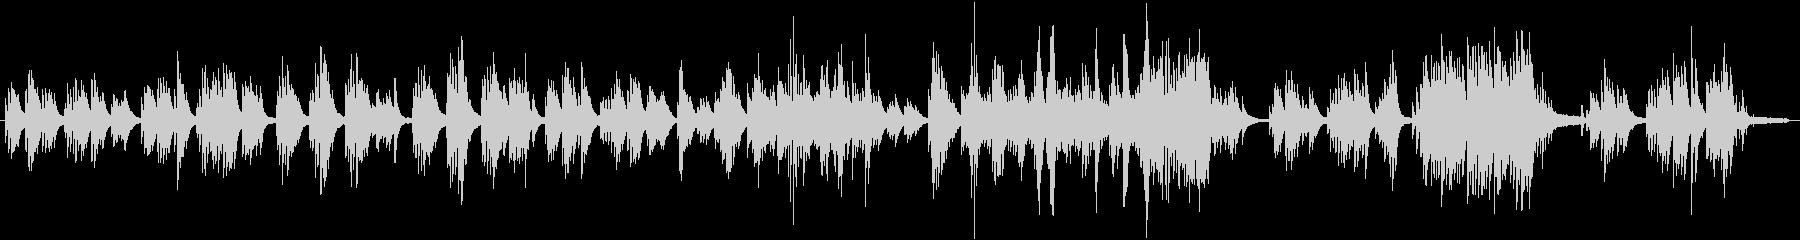 少し切ないピアノメロディ和風3拍子の未再生の波形